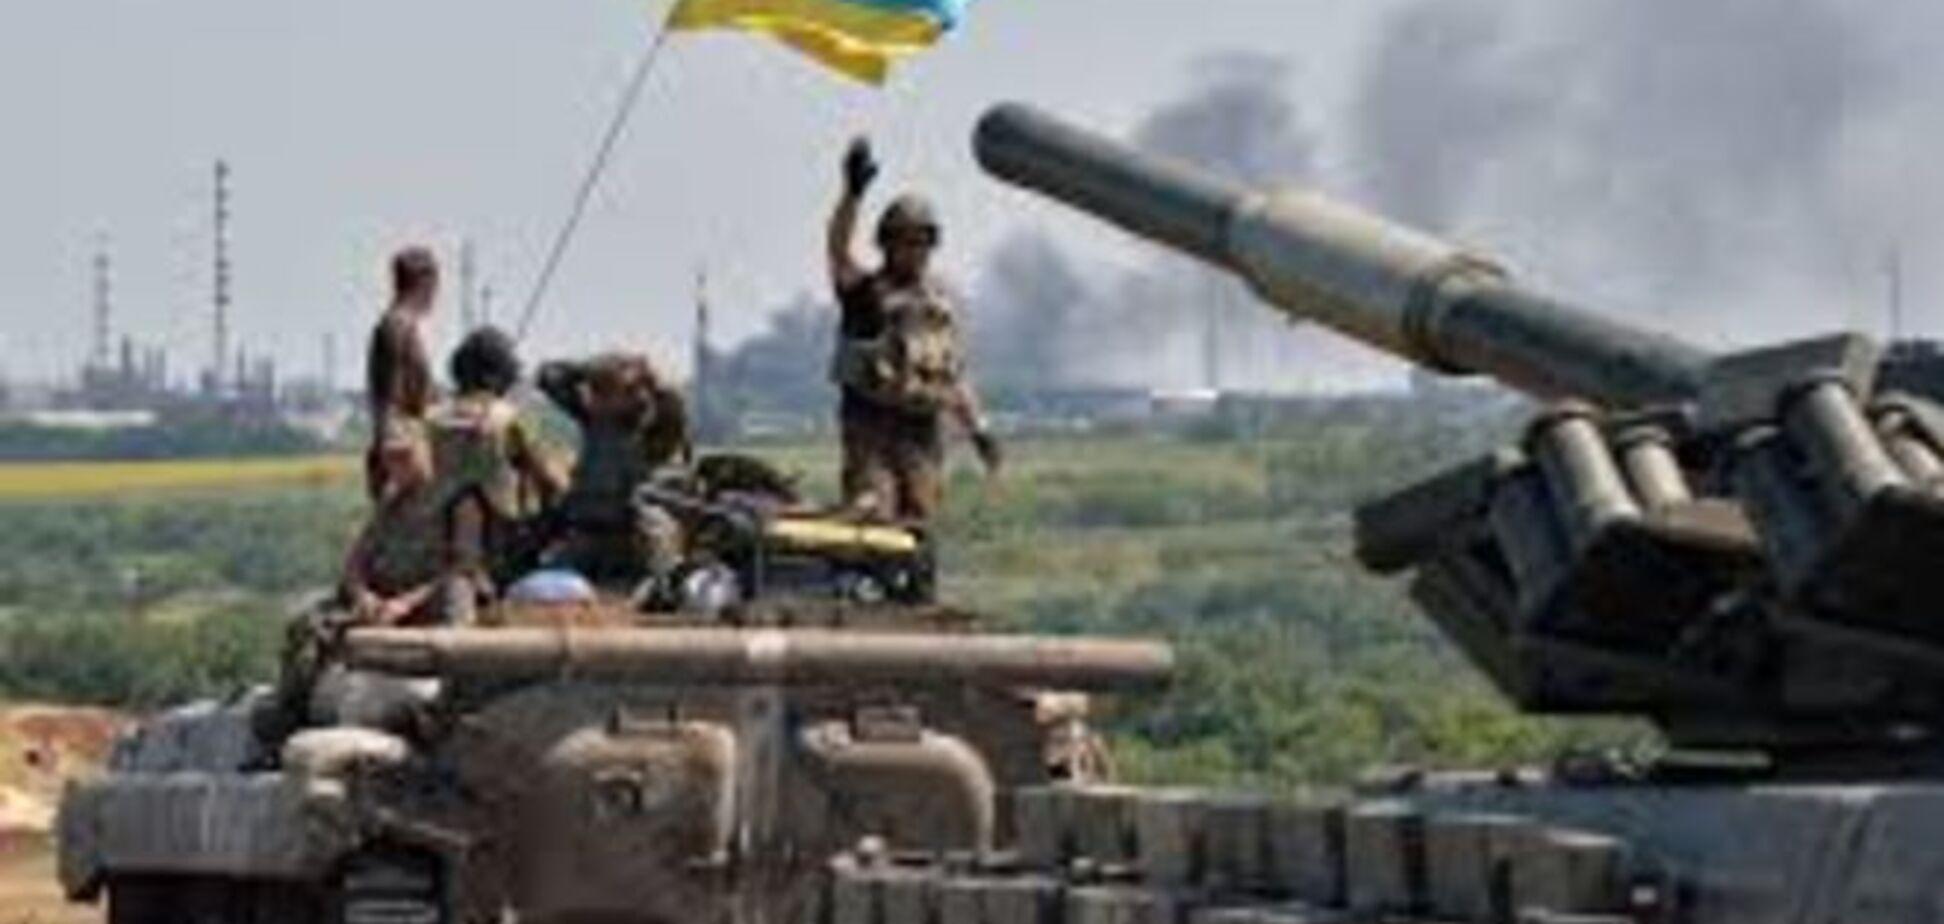 Точно в цель: украинские военные взорвали боекомплект террористов на метеовышке